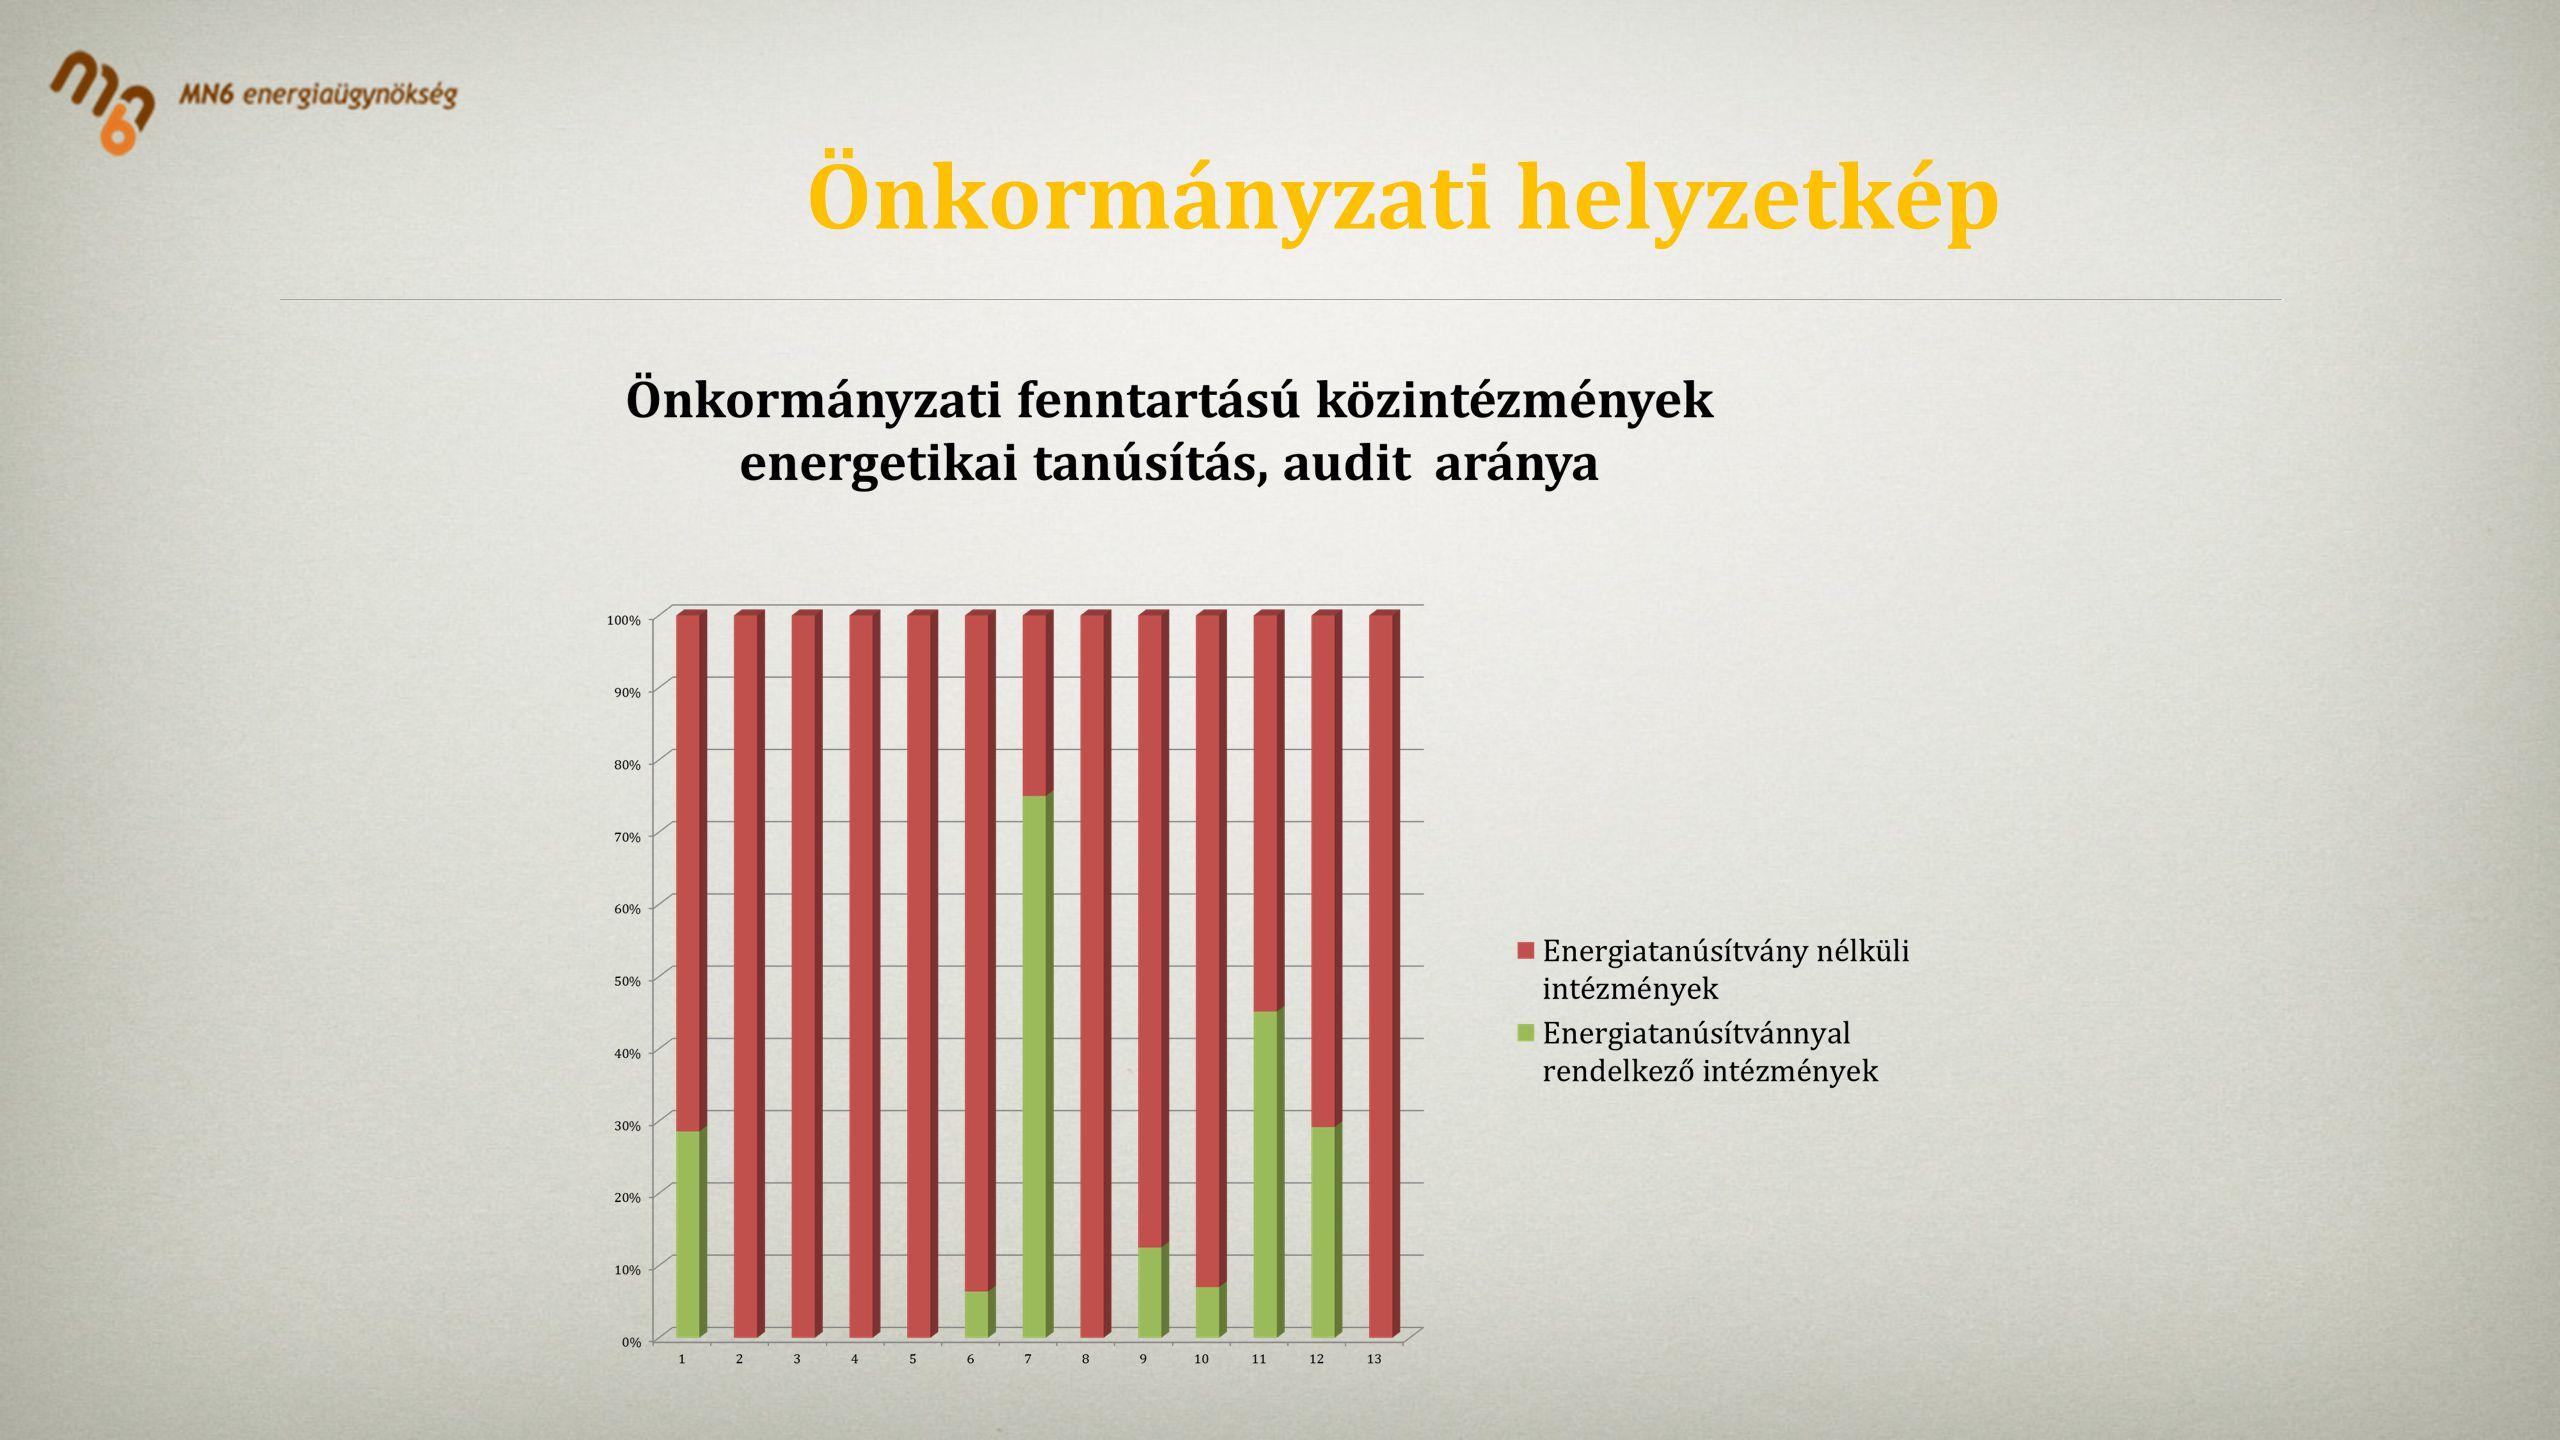 Önkormányzati helyzetkép